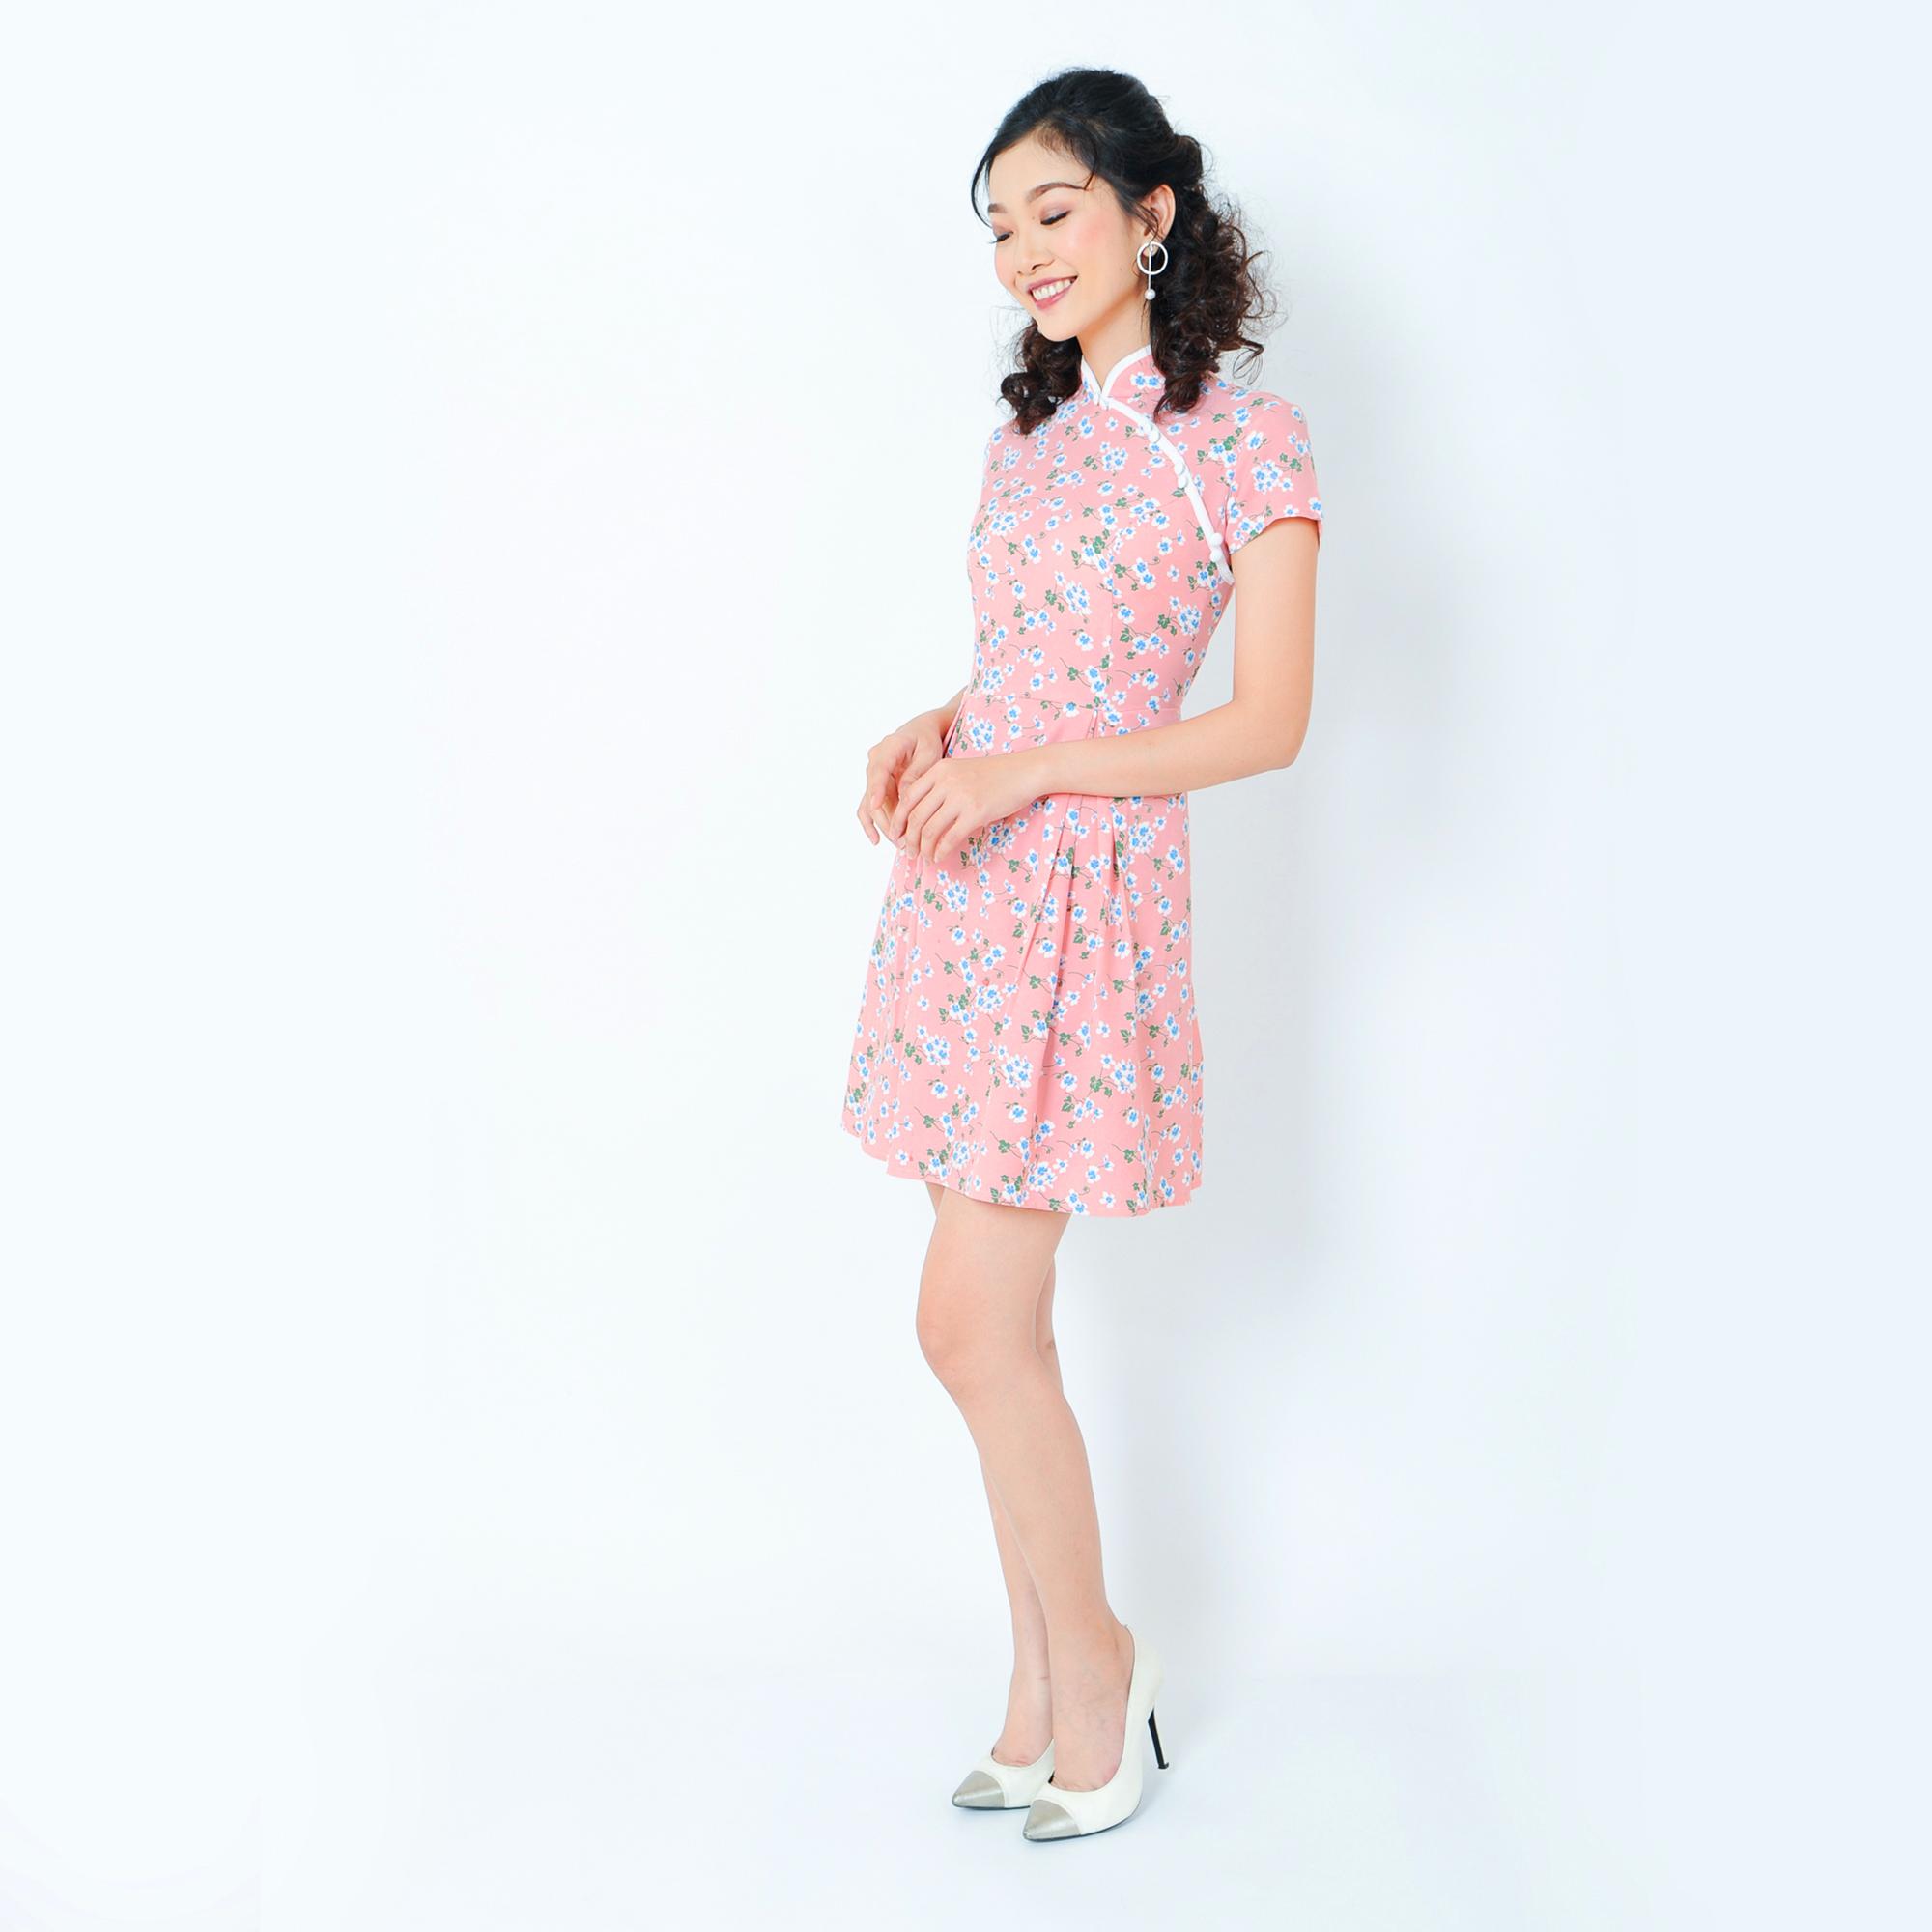 Đầm xòe cổ sườn xám thời trang Eden d202 (hồng nhạt)